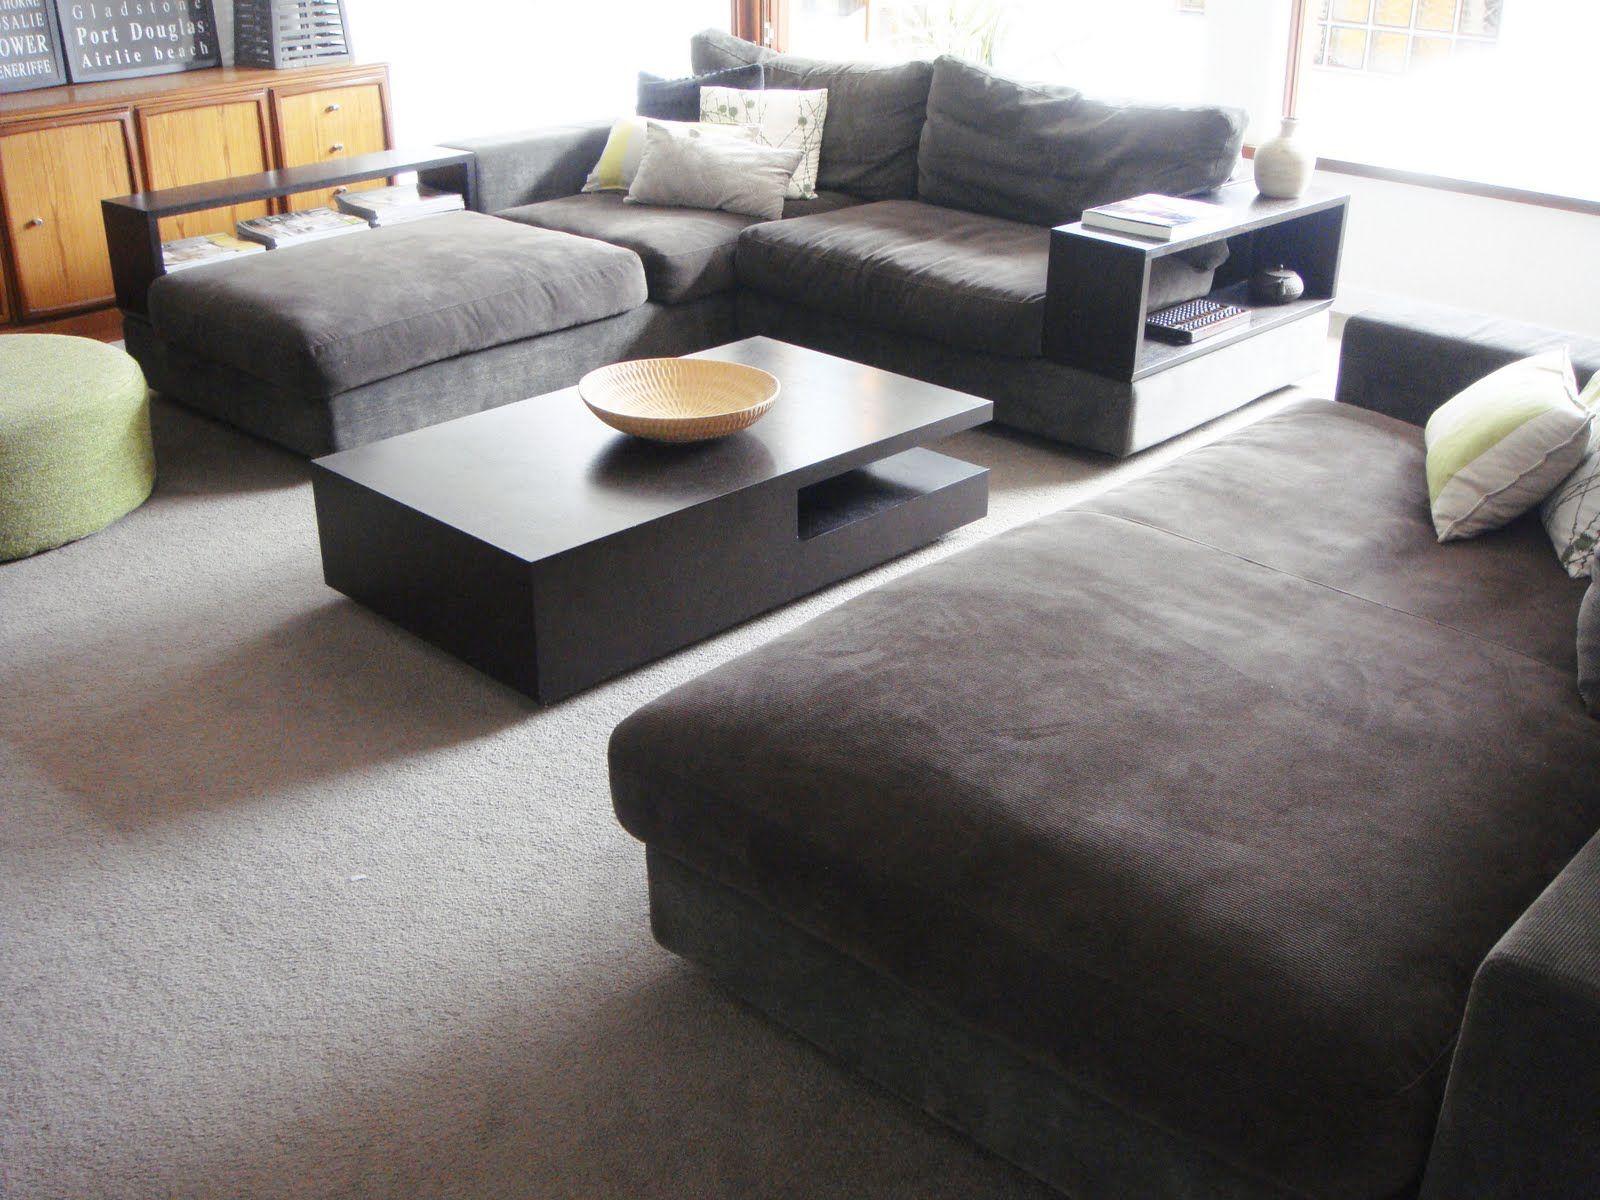 King Furniture Jasper Potential Set Up Home Pinterest King